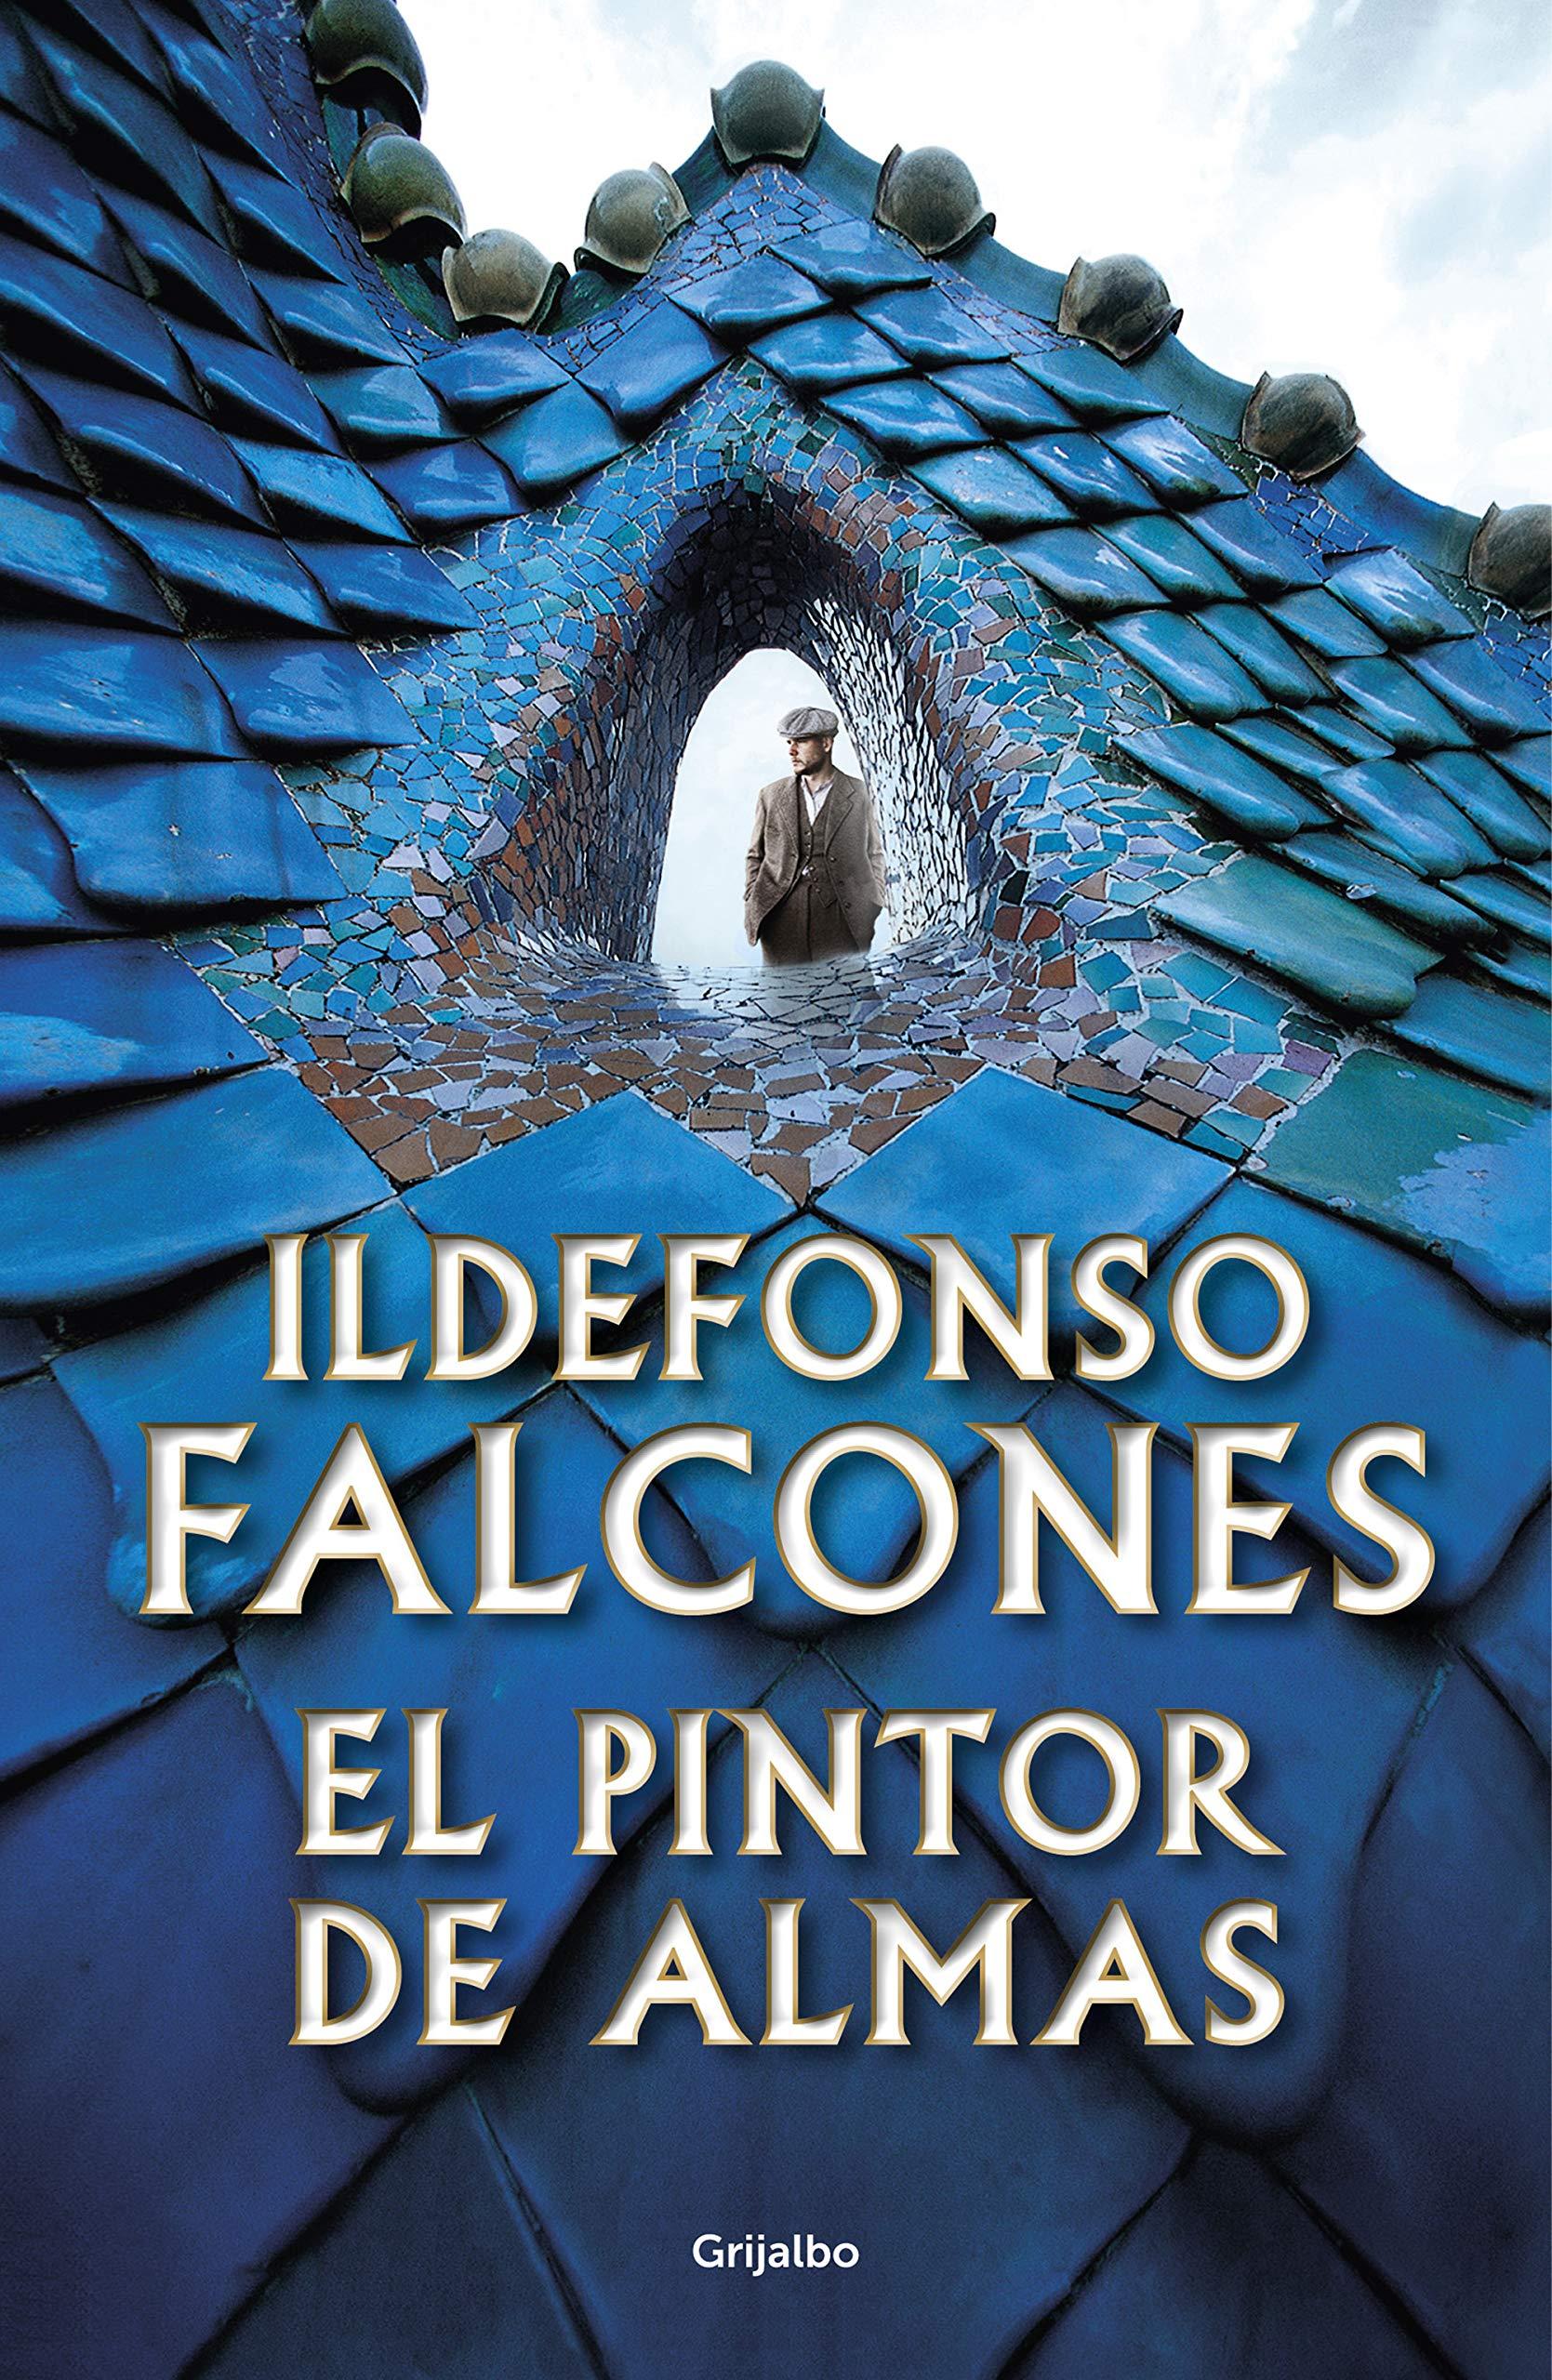 Ildefonso Falcones El pintor de almas